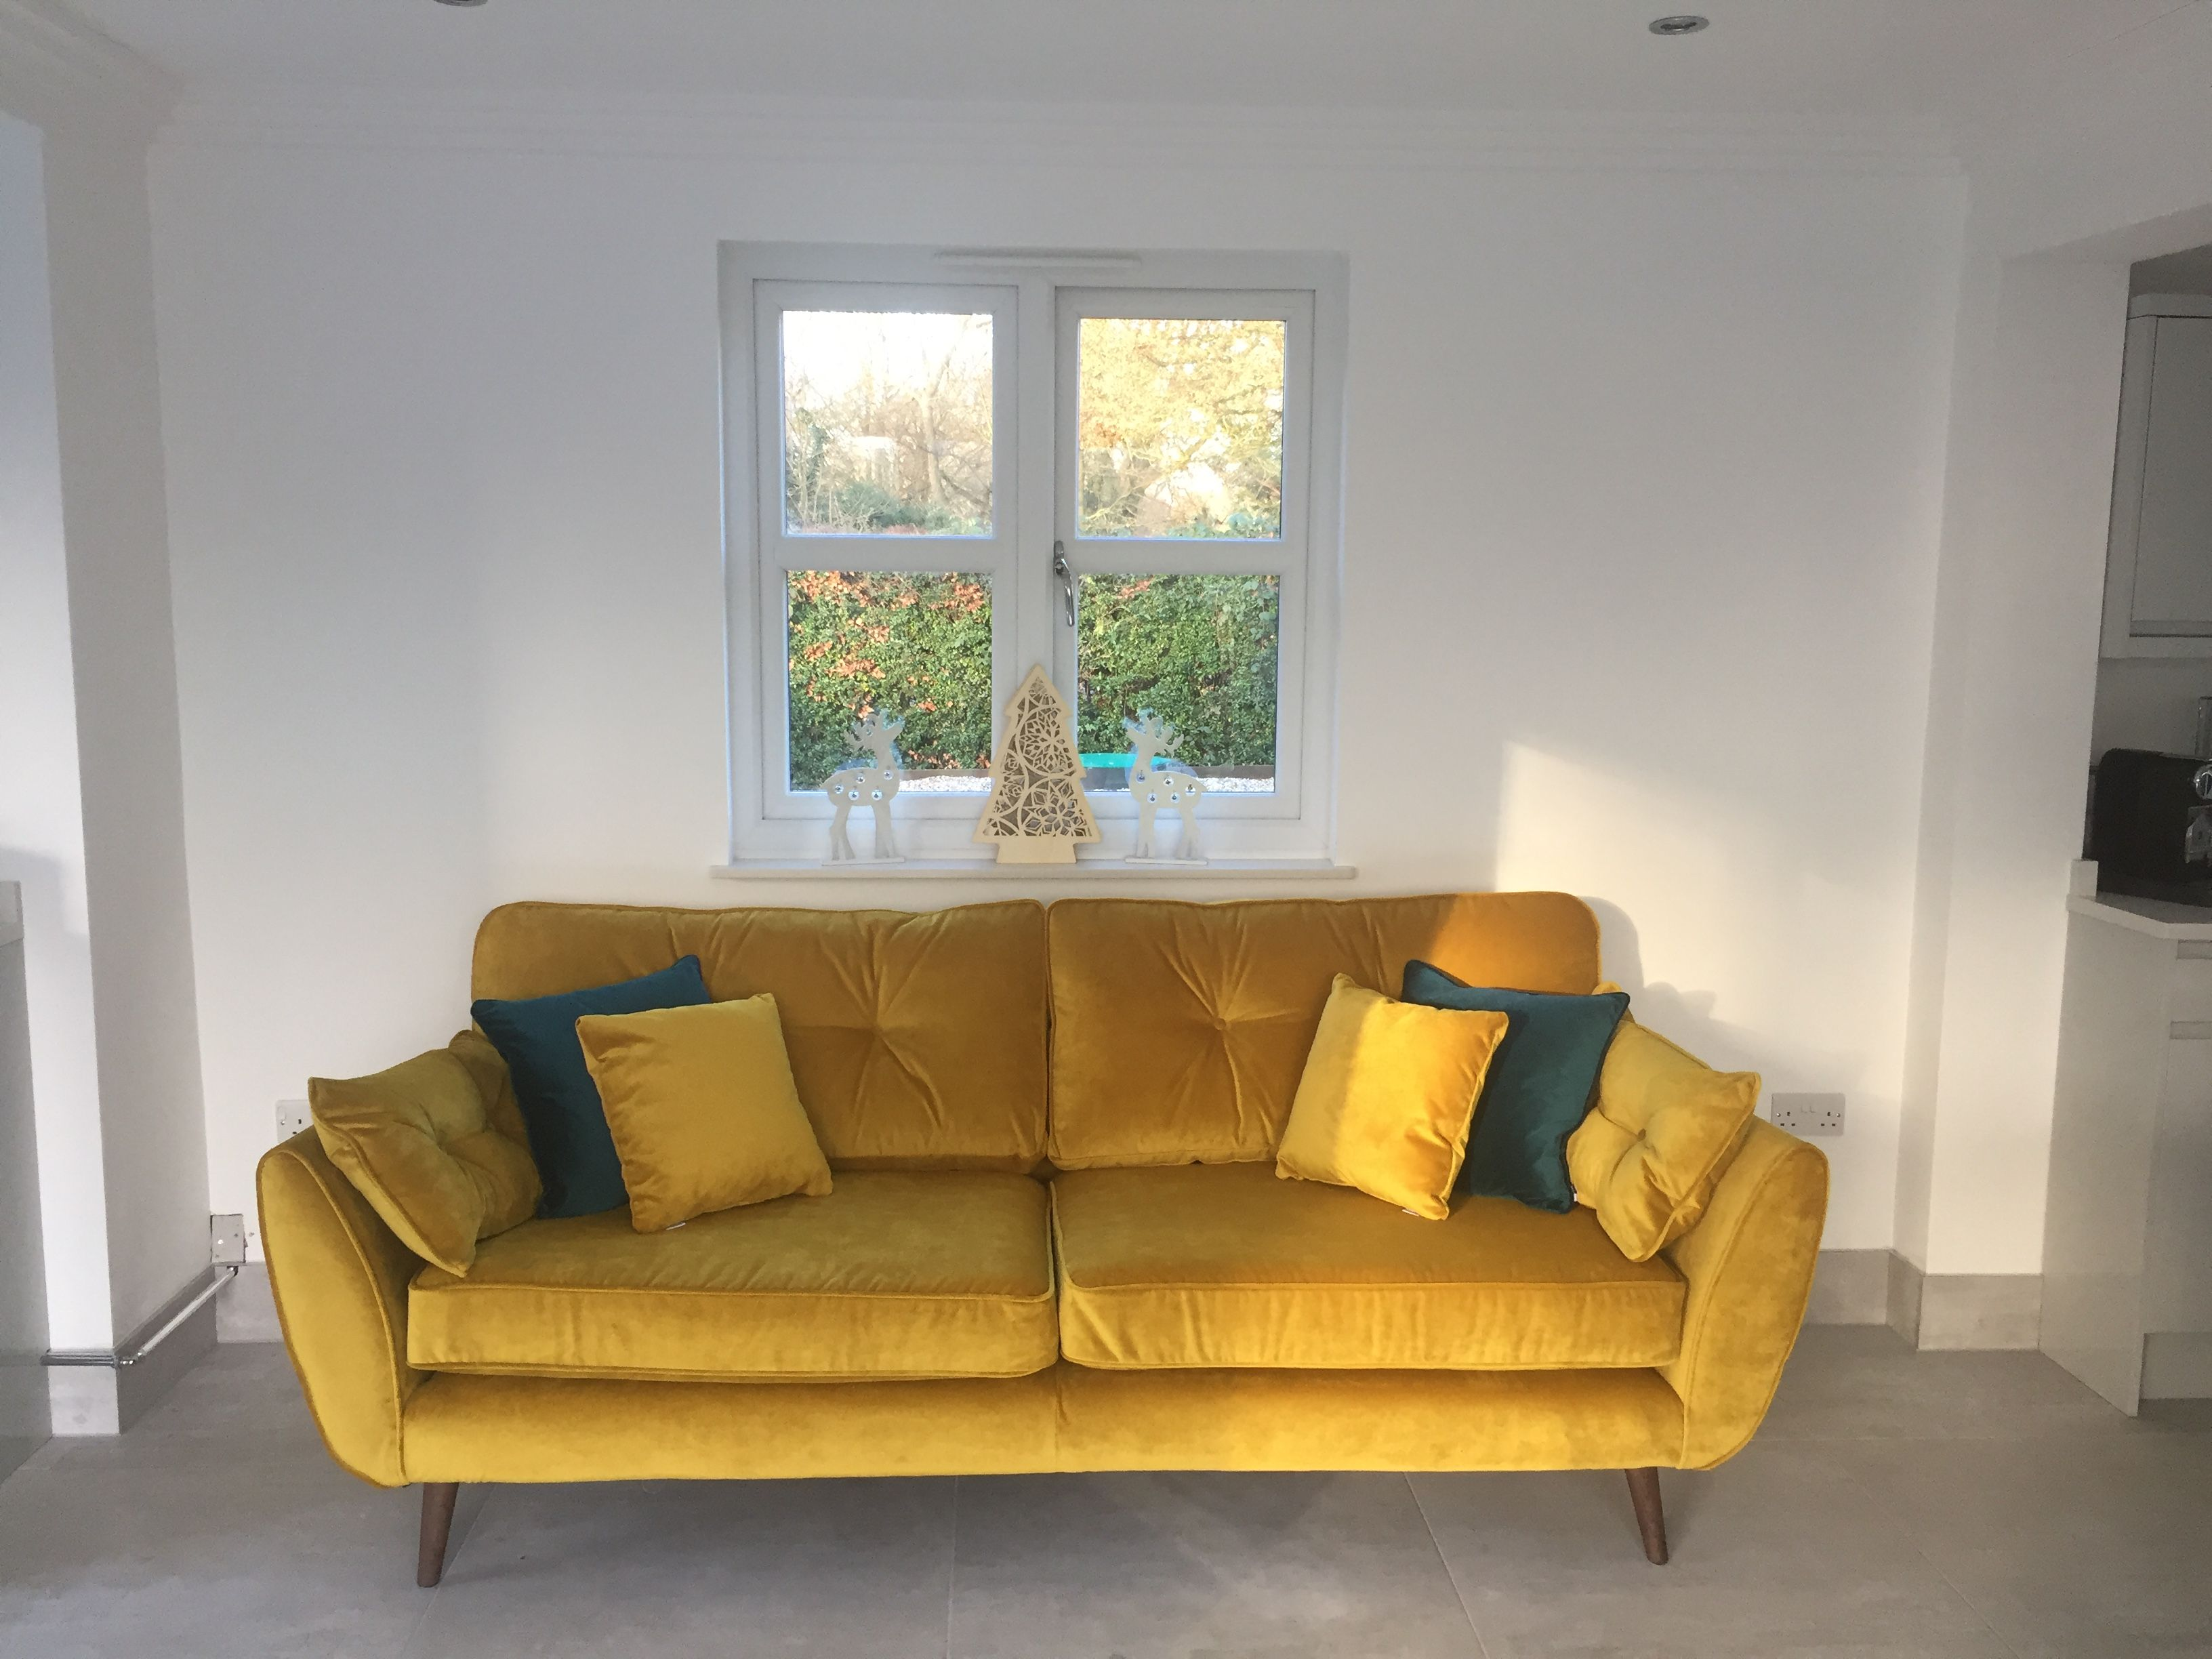 Dfs Sofa Zinc Yellow Velvet Dfs Zinc Sofa Dfs Sofa Living Room Diy